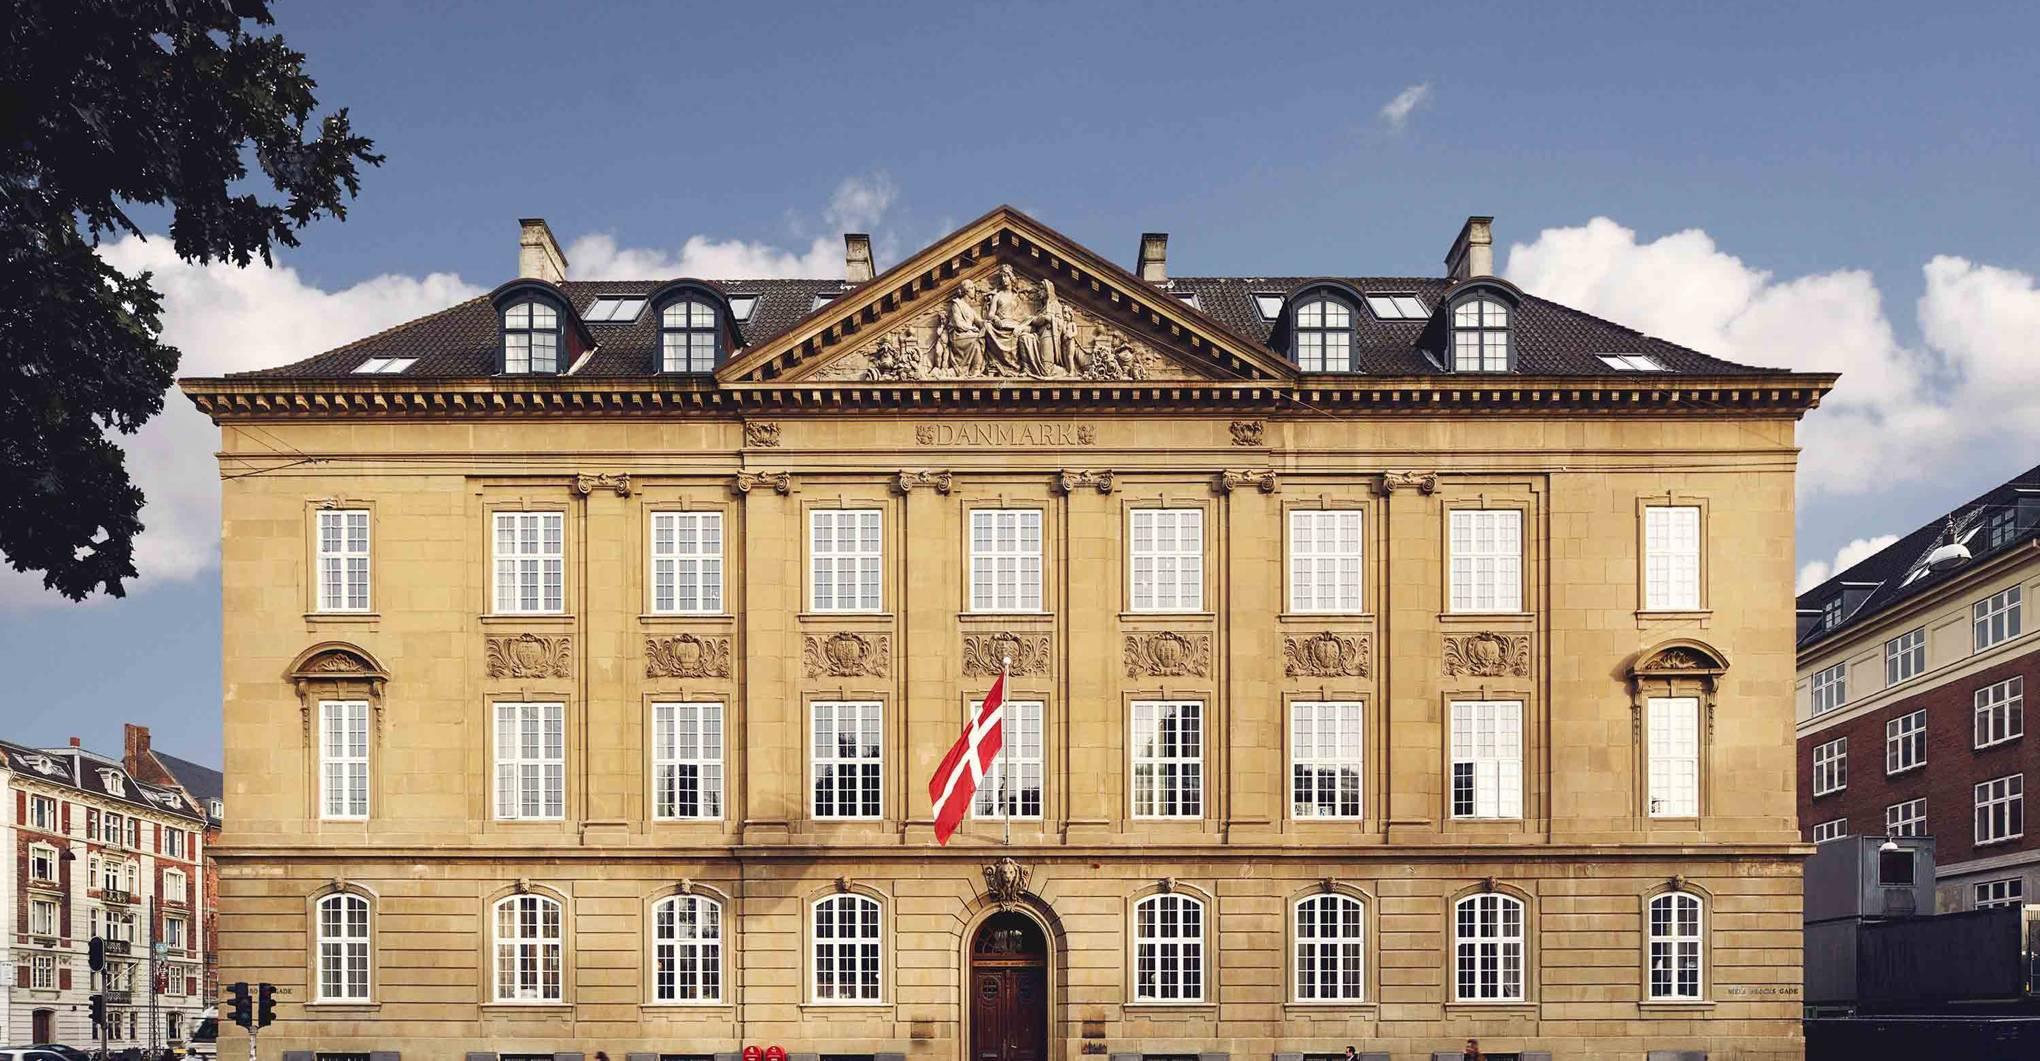 Copenhagen hotels: 5 of the best